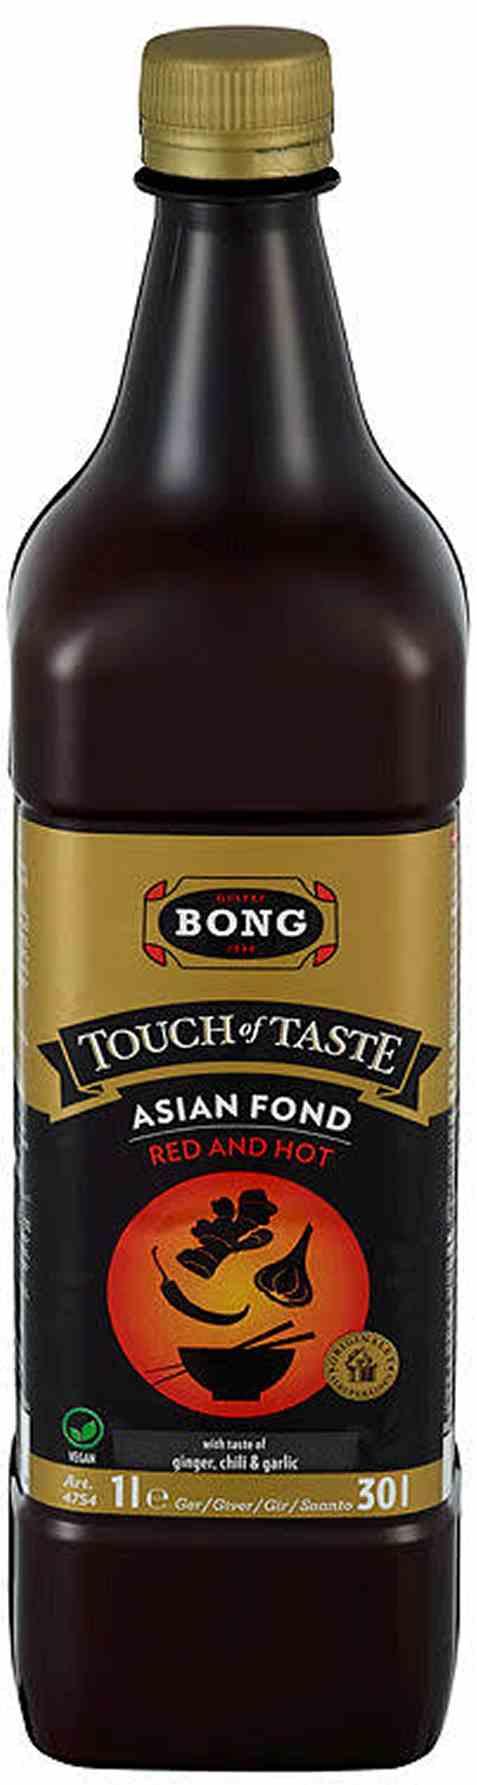 Bilde av Touch of Taste red and hot fond 1 liter.